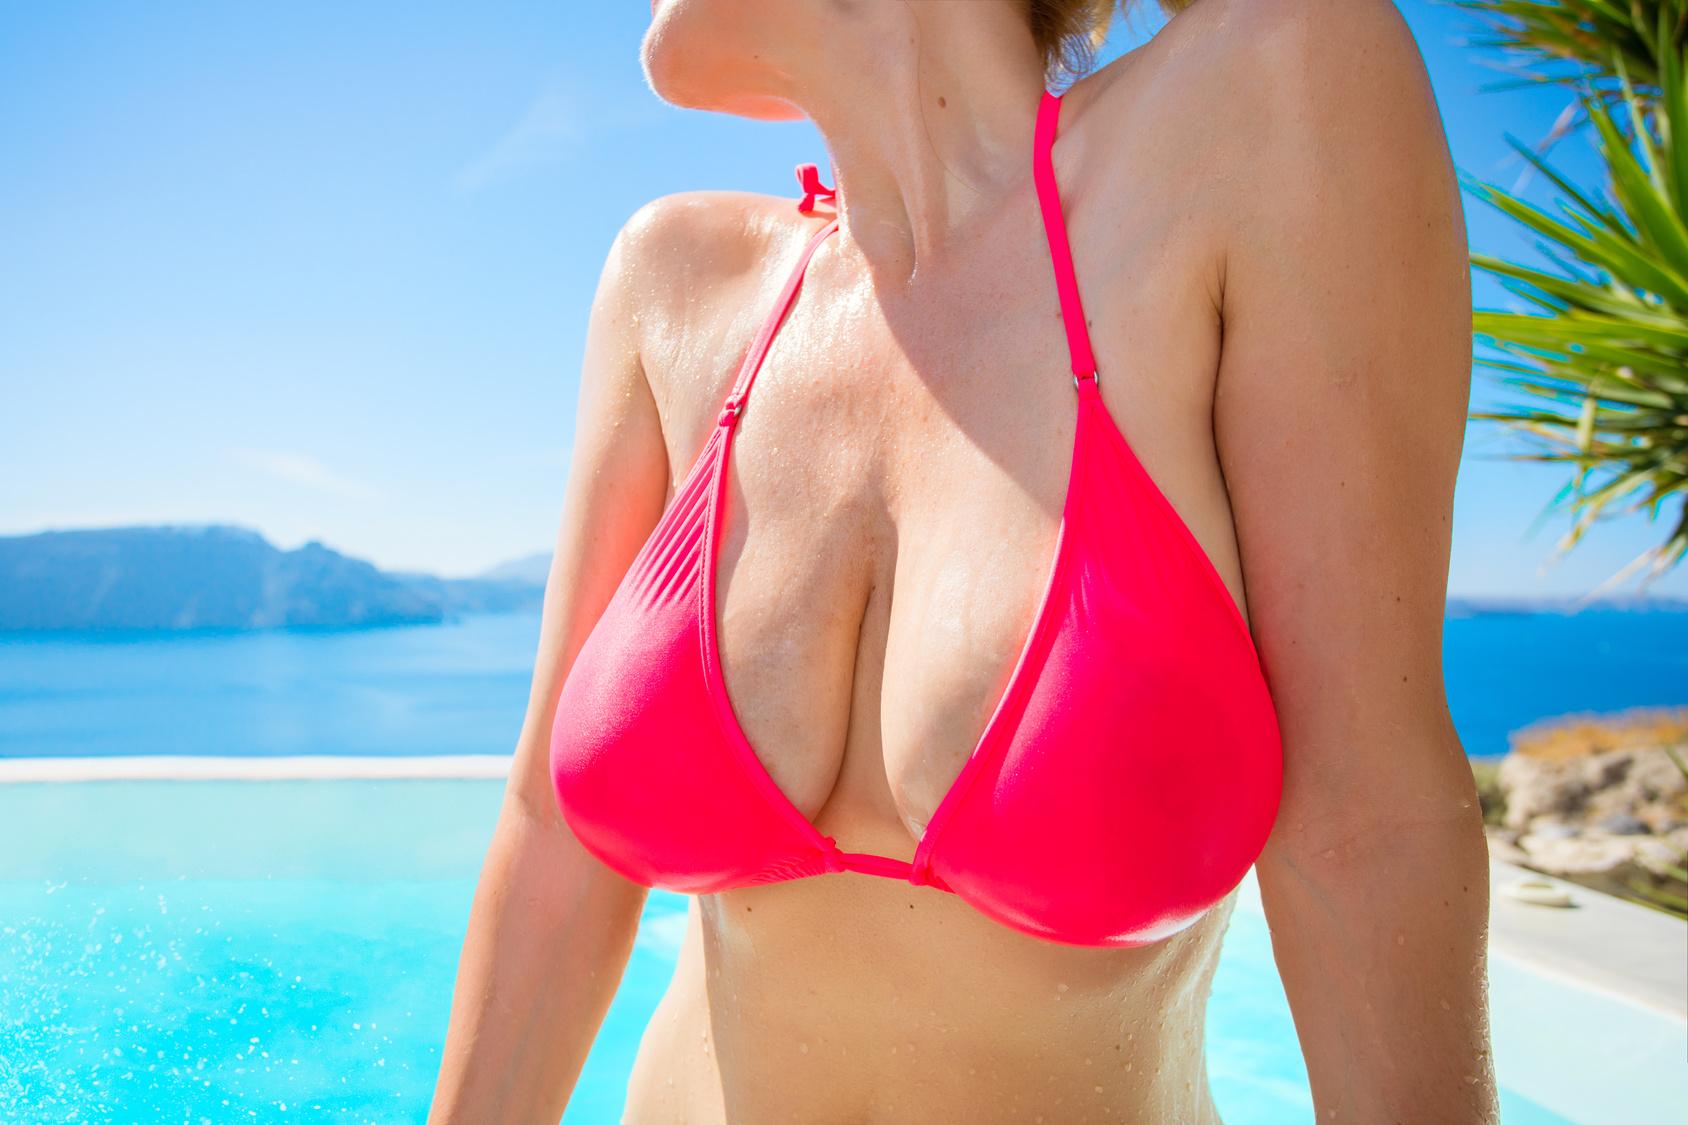 Redukcja (zmniejszanie) piersi tanie zabiegi